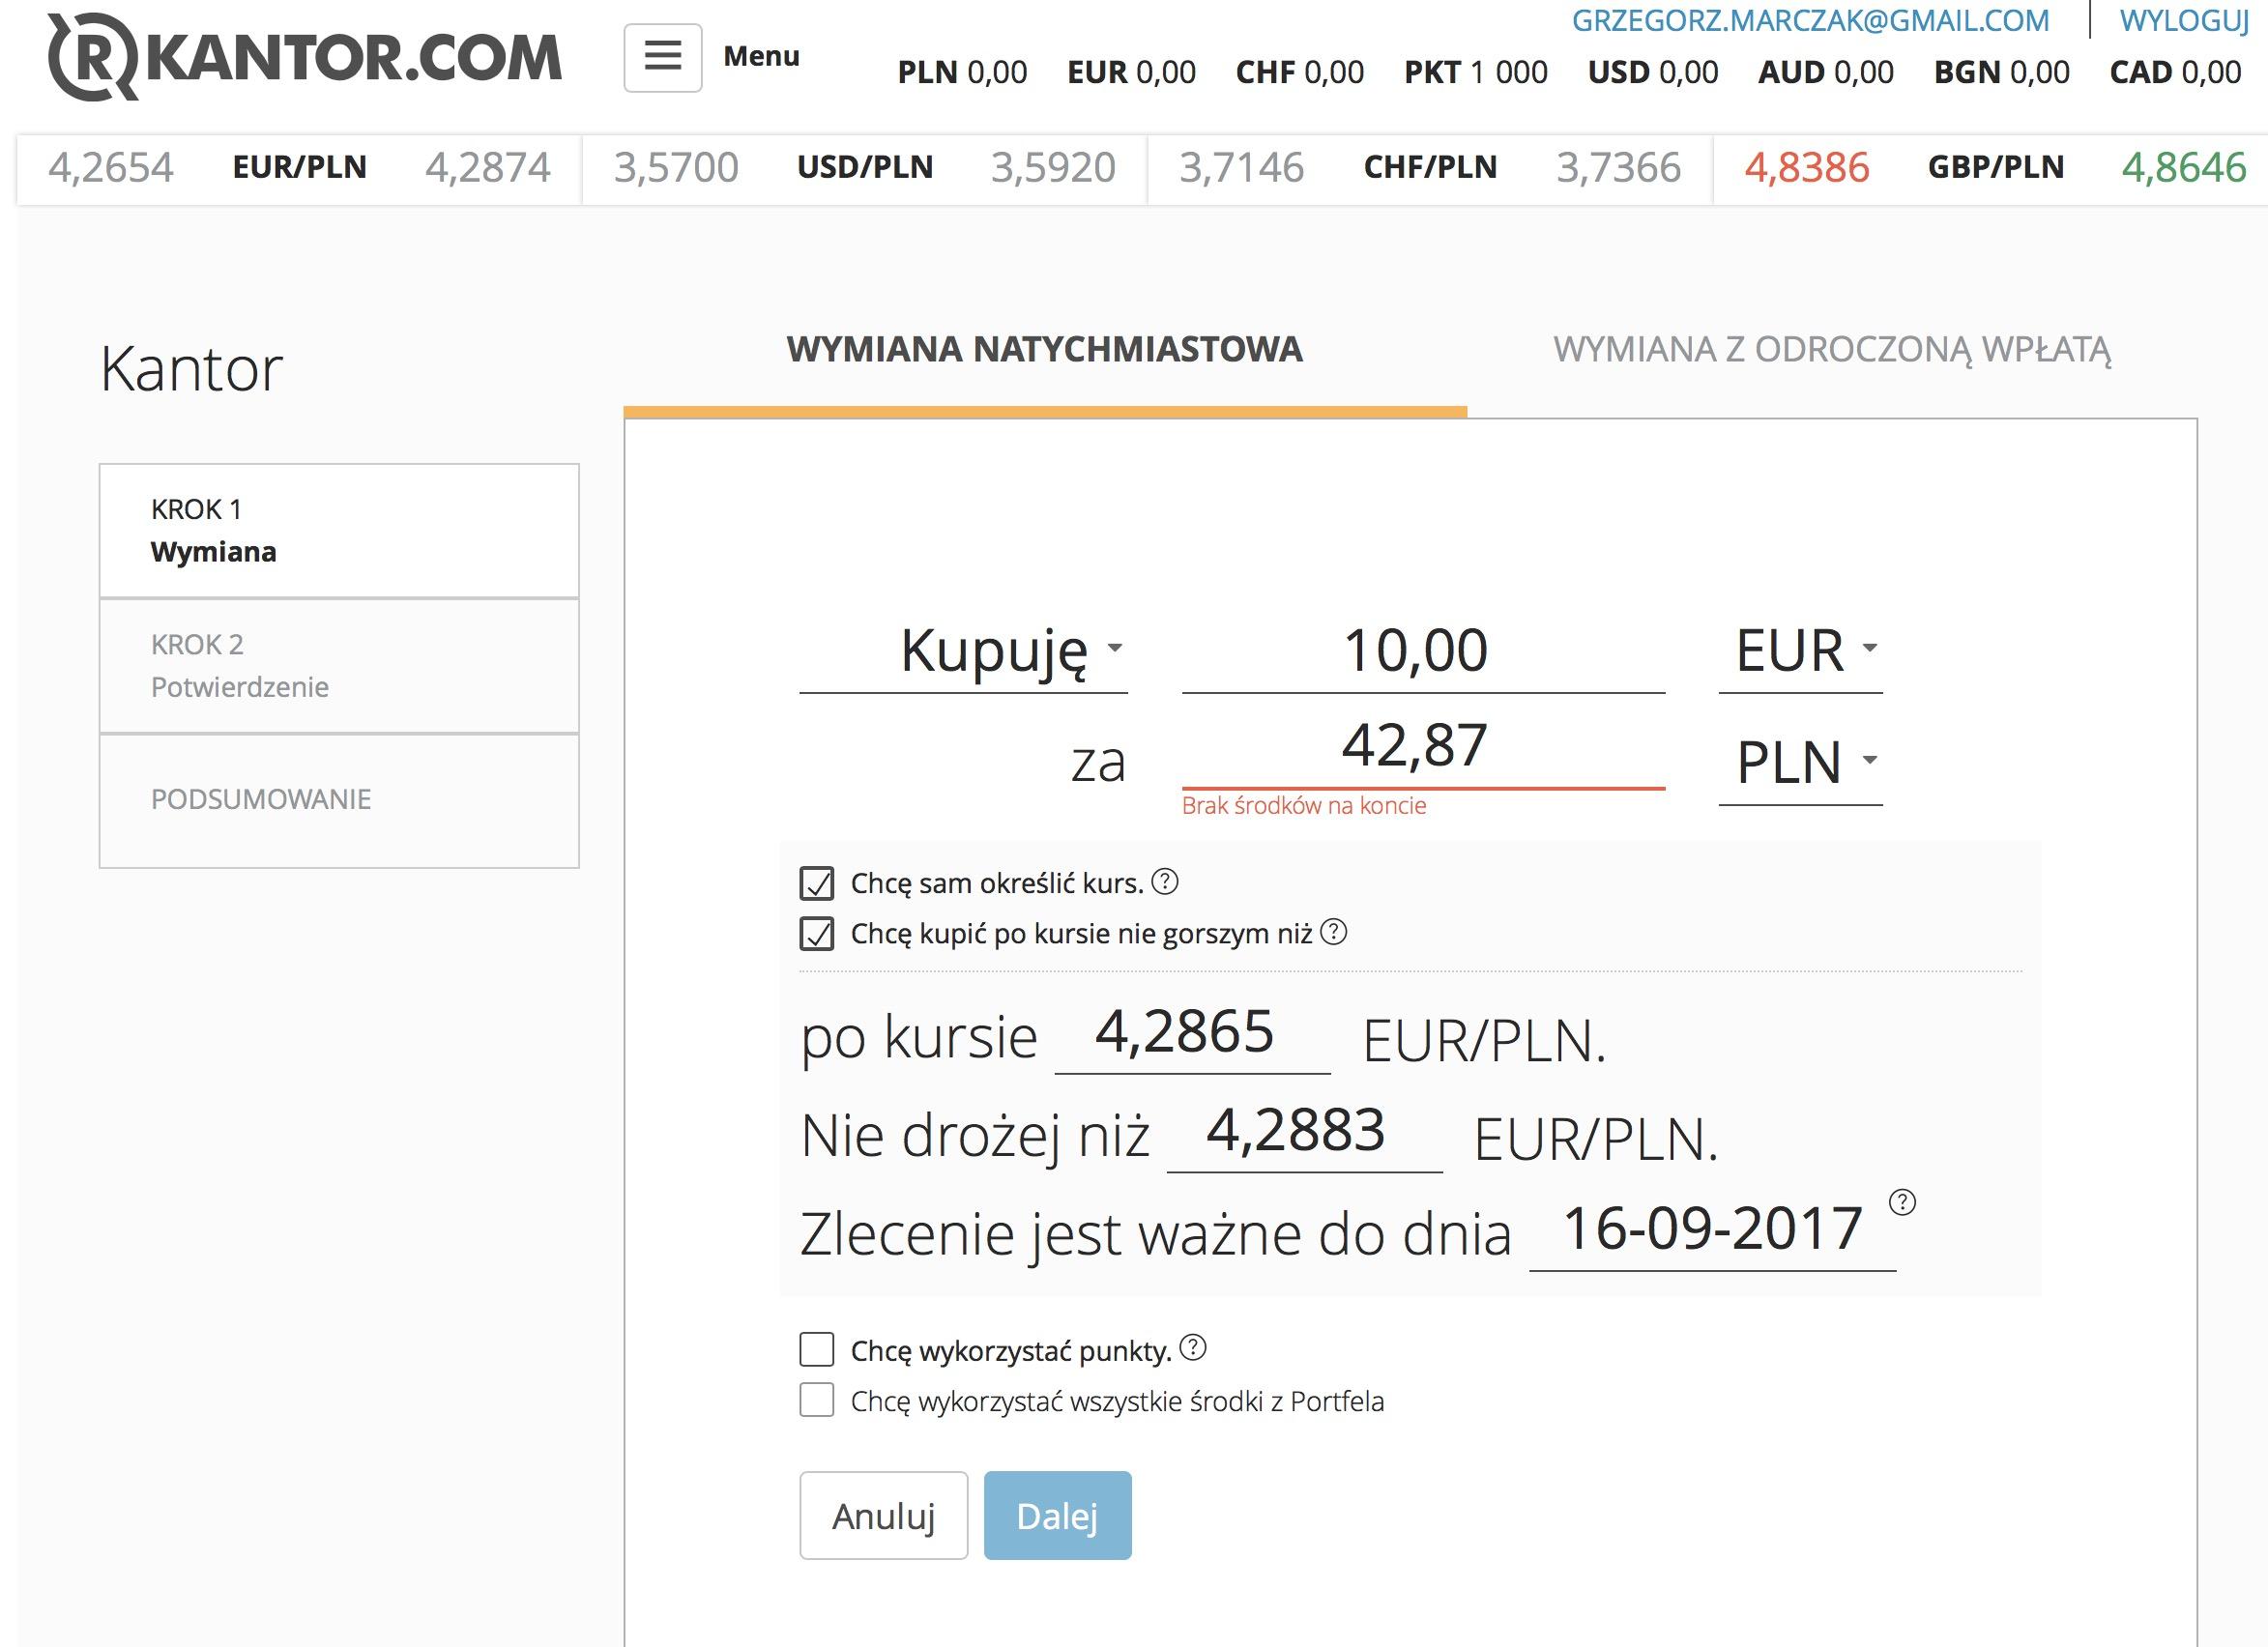 rkantor.com sprzedaż i zakup waluty